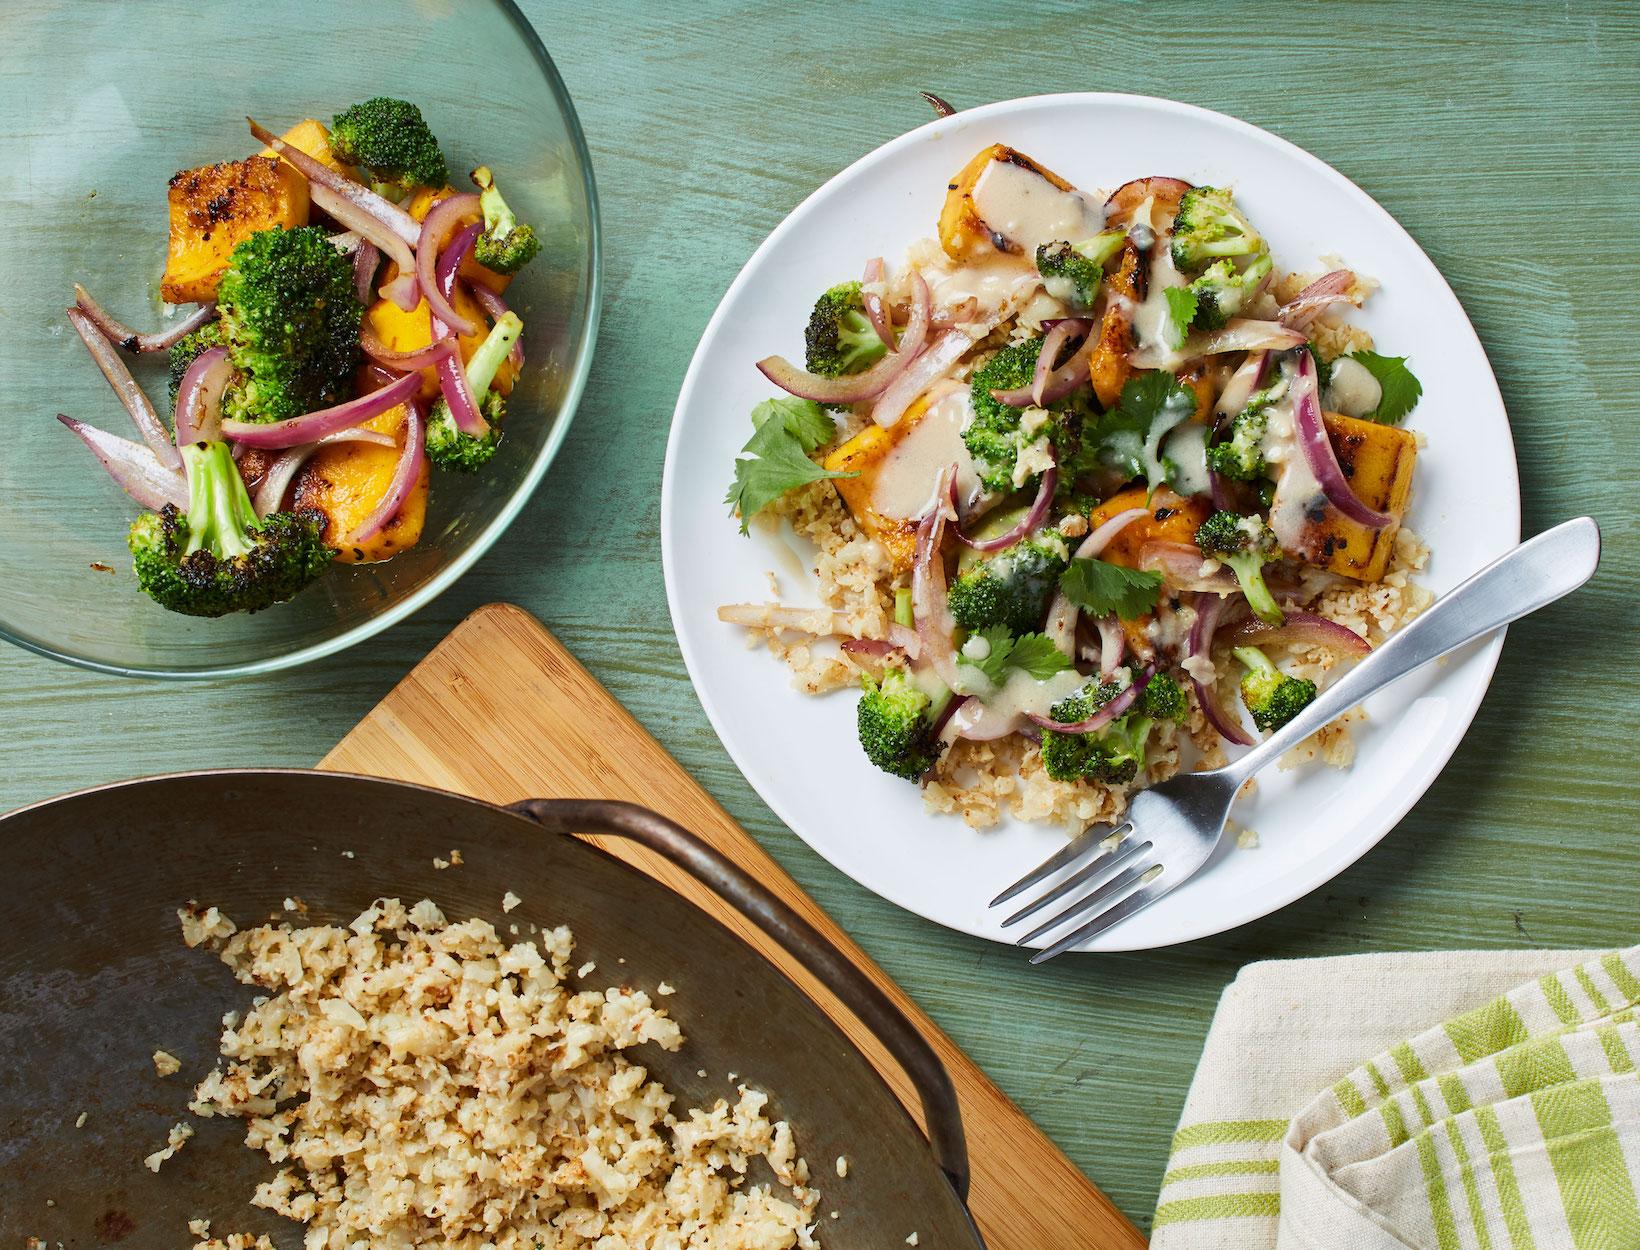 Coconut Veggie Stir-Fry with Cauliflower Rice